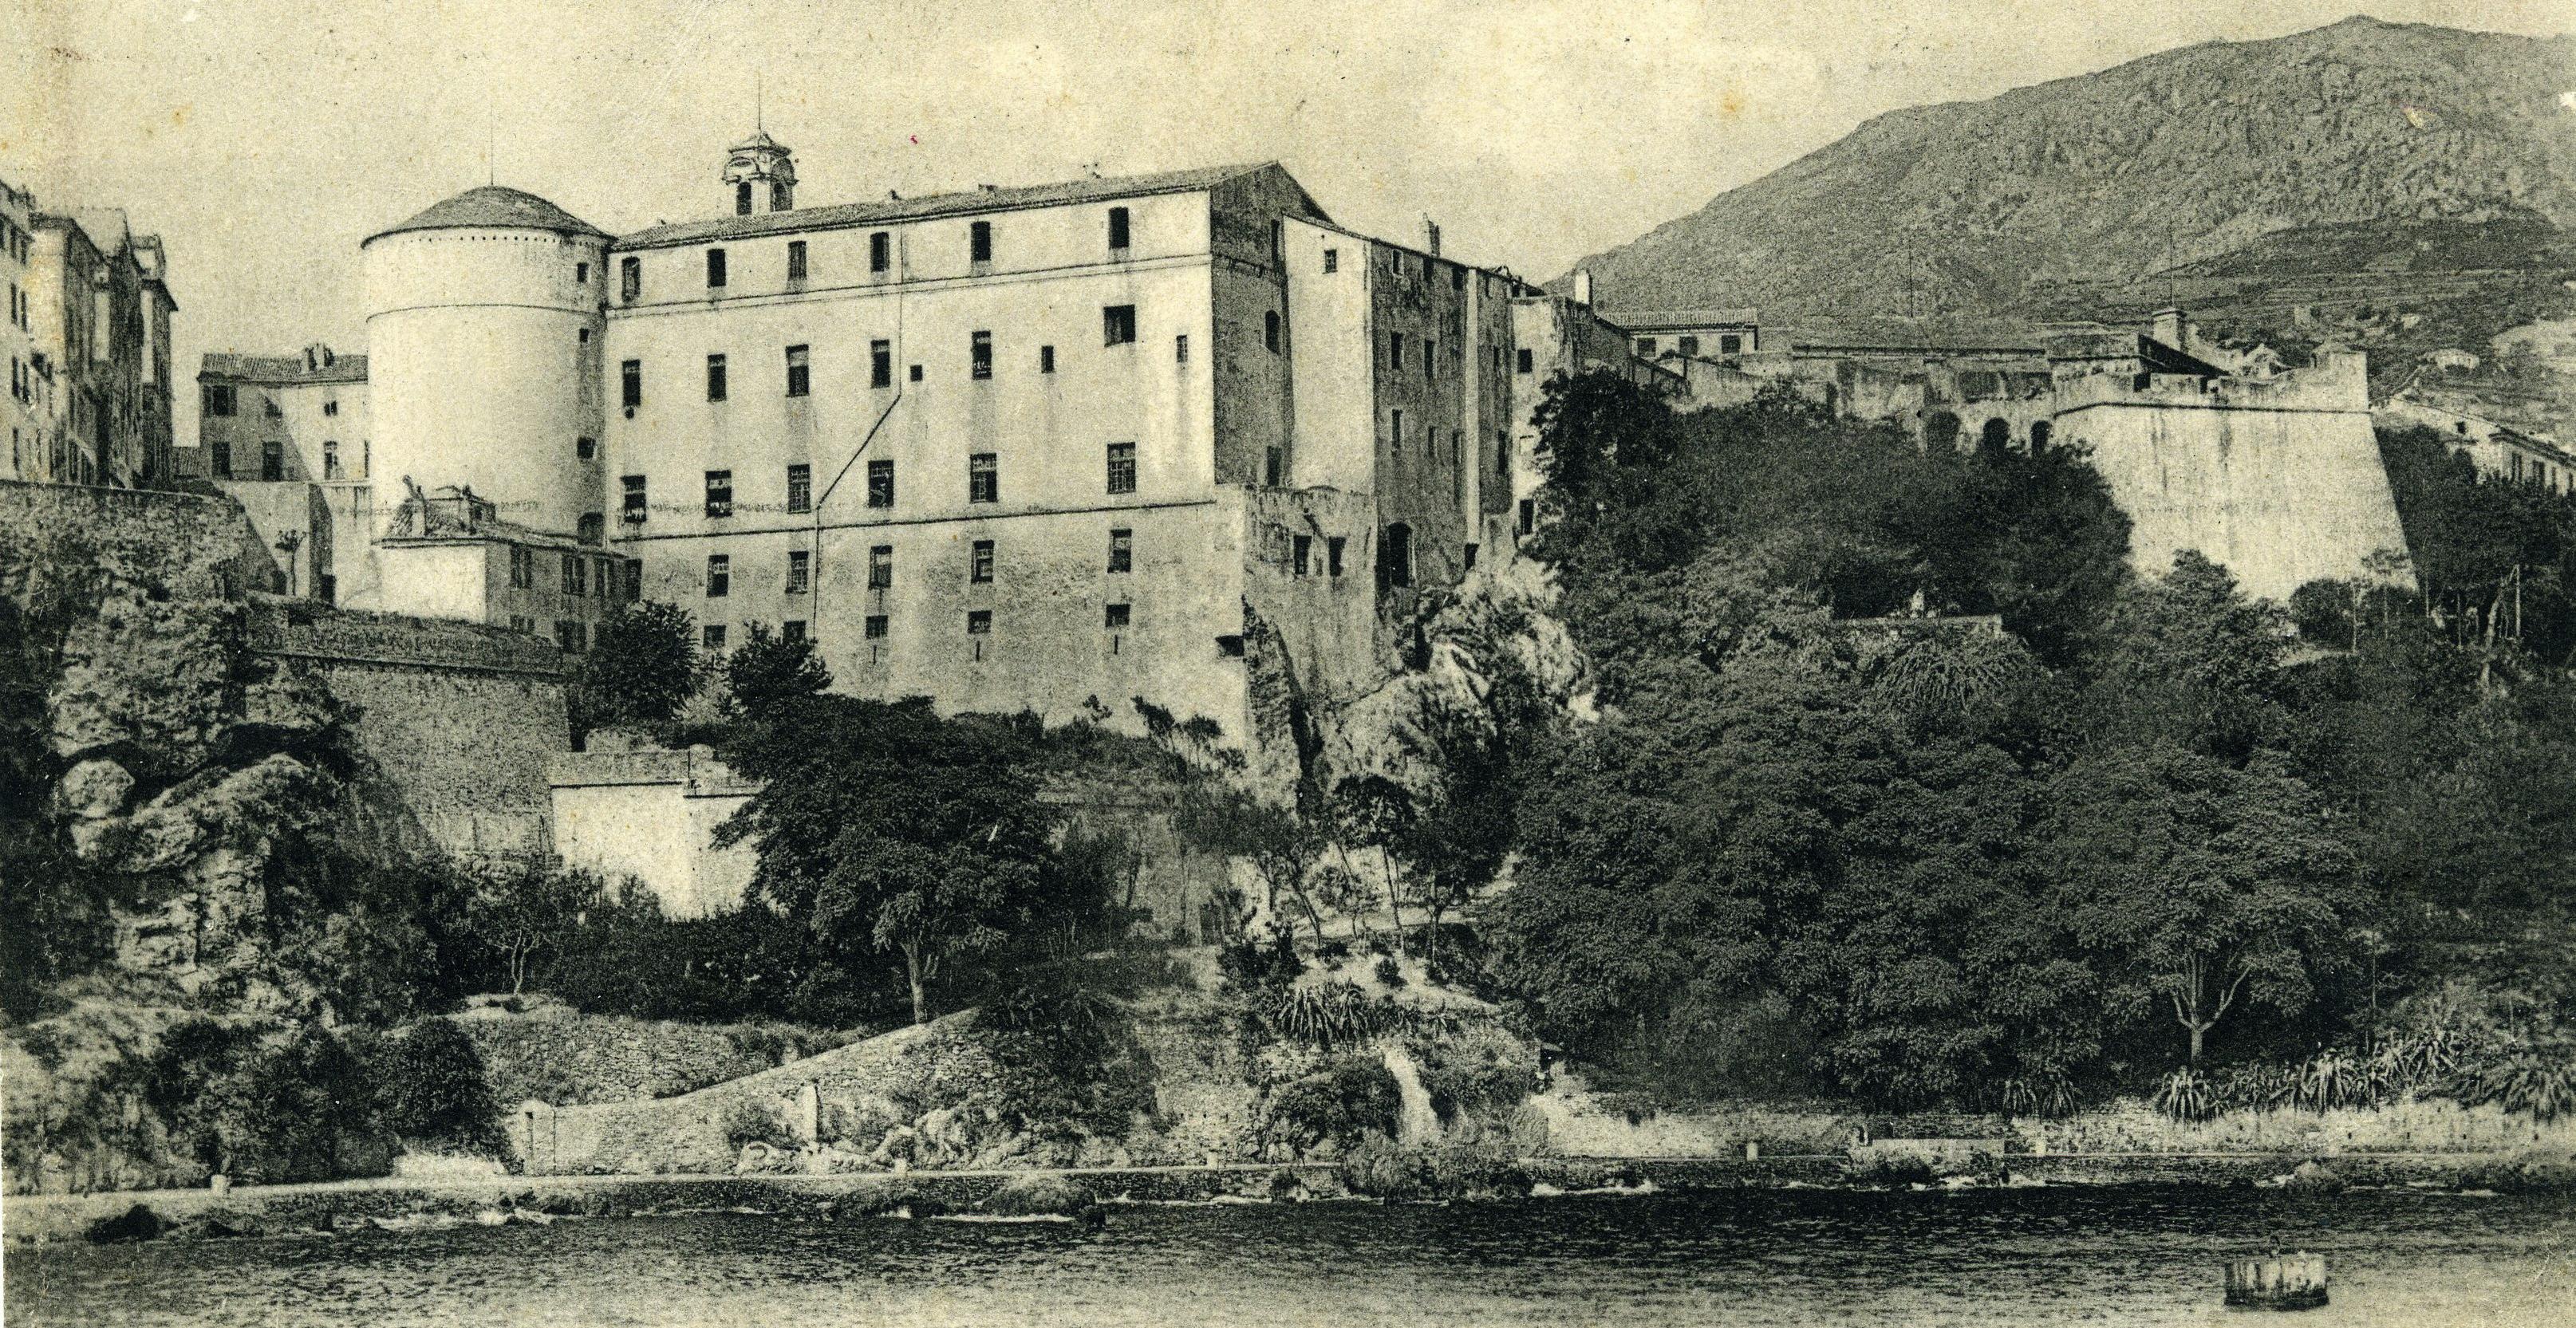 La masse imposante du Palais des Gouverneurs génois domine l'entrée du port de Bastia. C'est ce bâtiment fortifié (une « bastia », équivalent du mot français « bastille ») qui a donné son nom à  la ville. Photographie de 1912 (collection particulière).